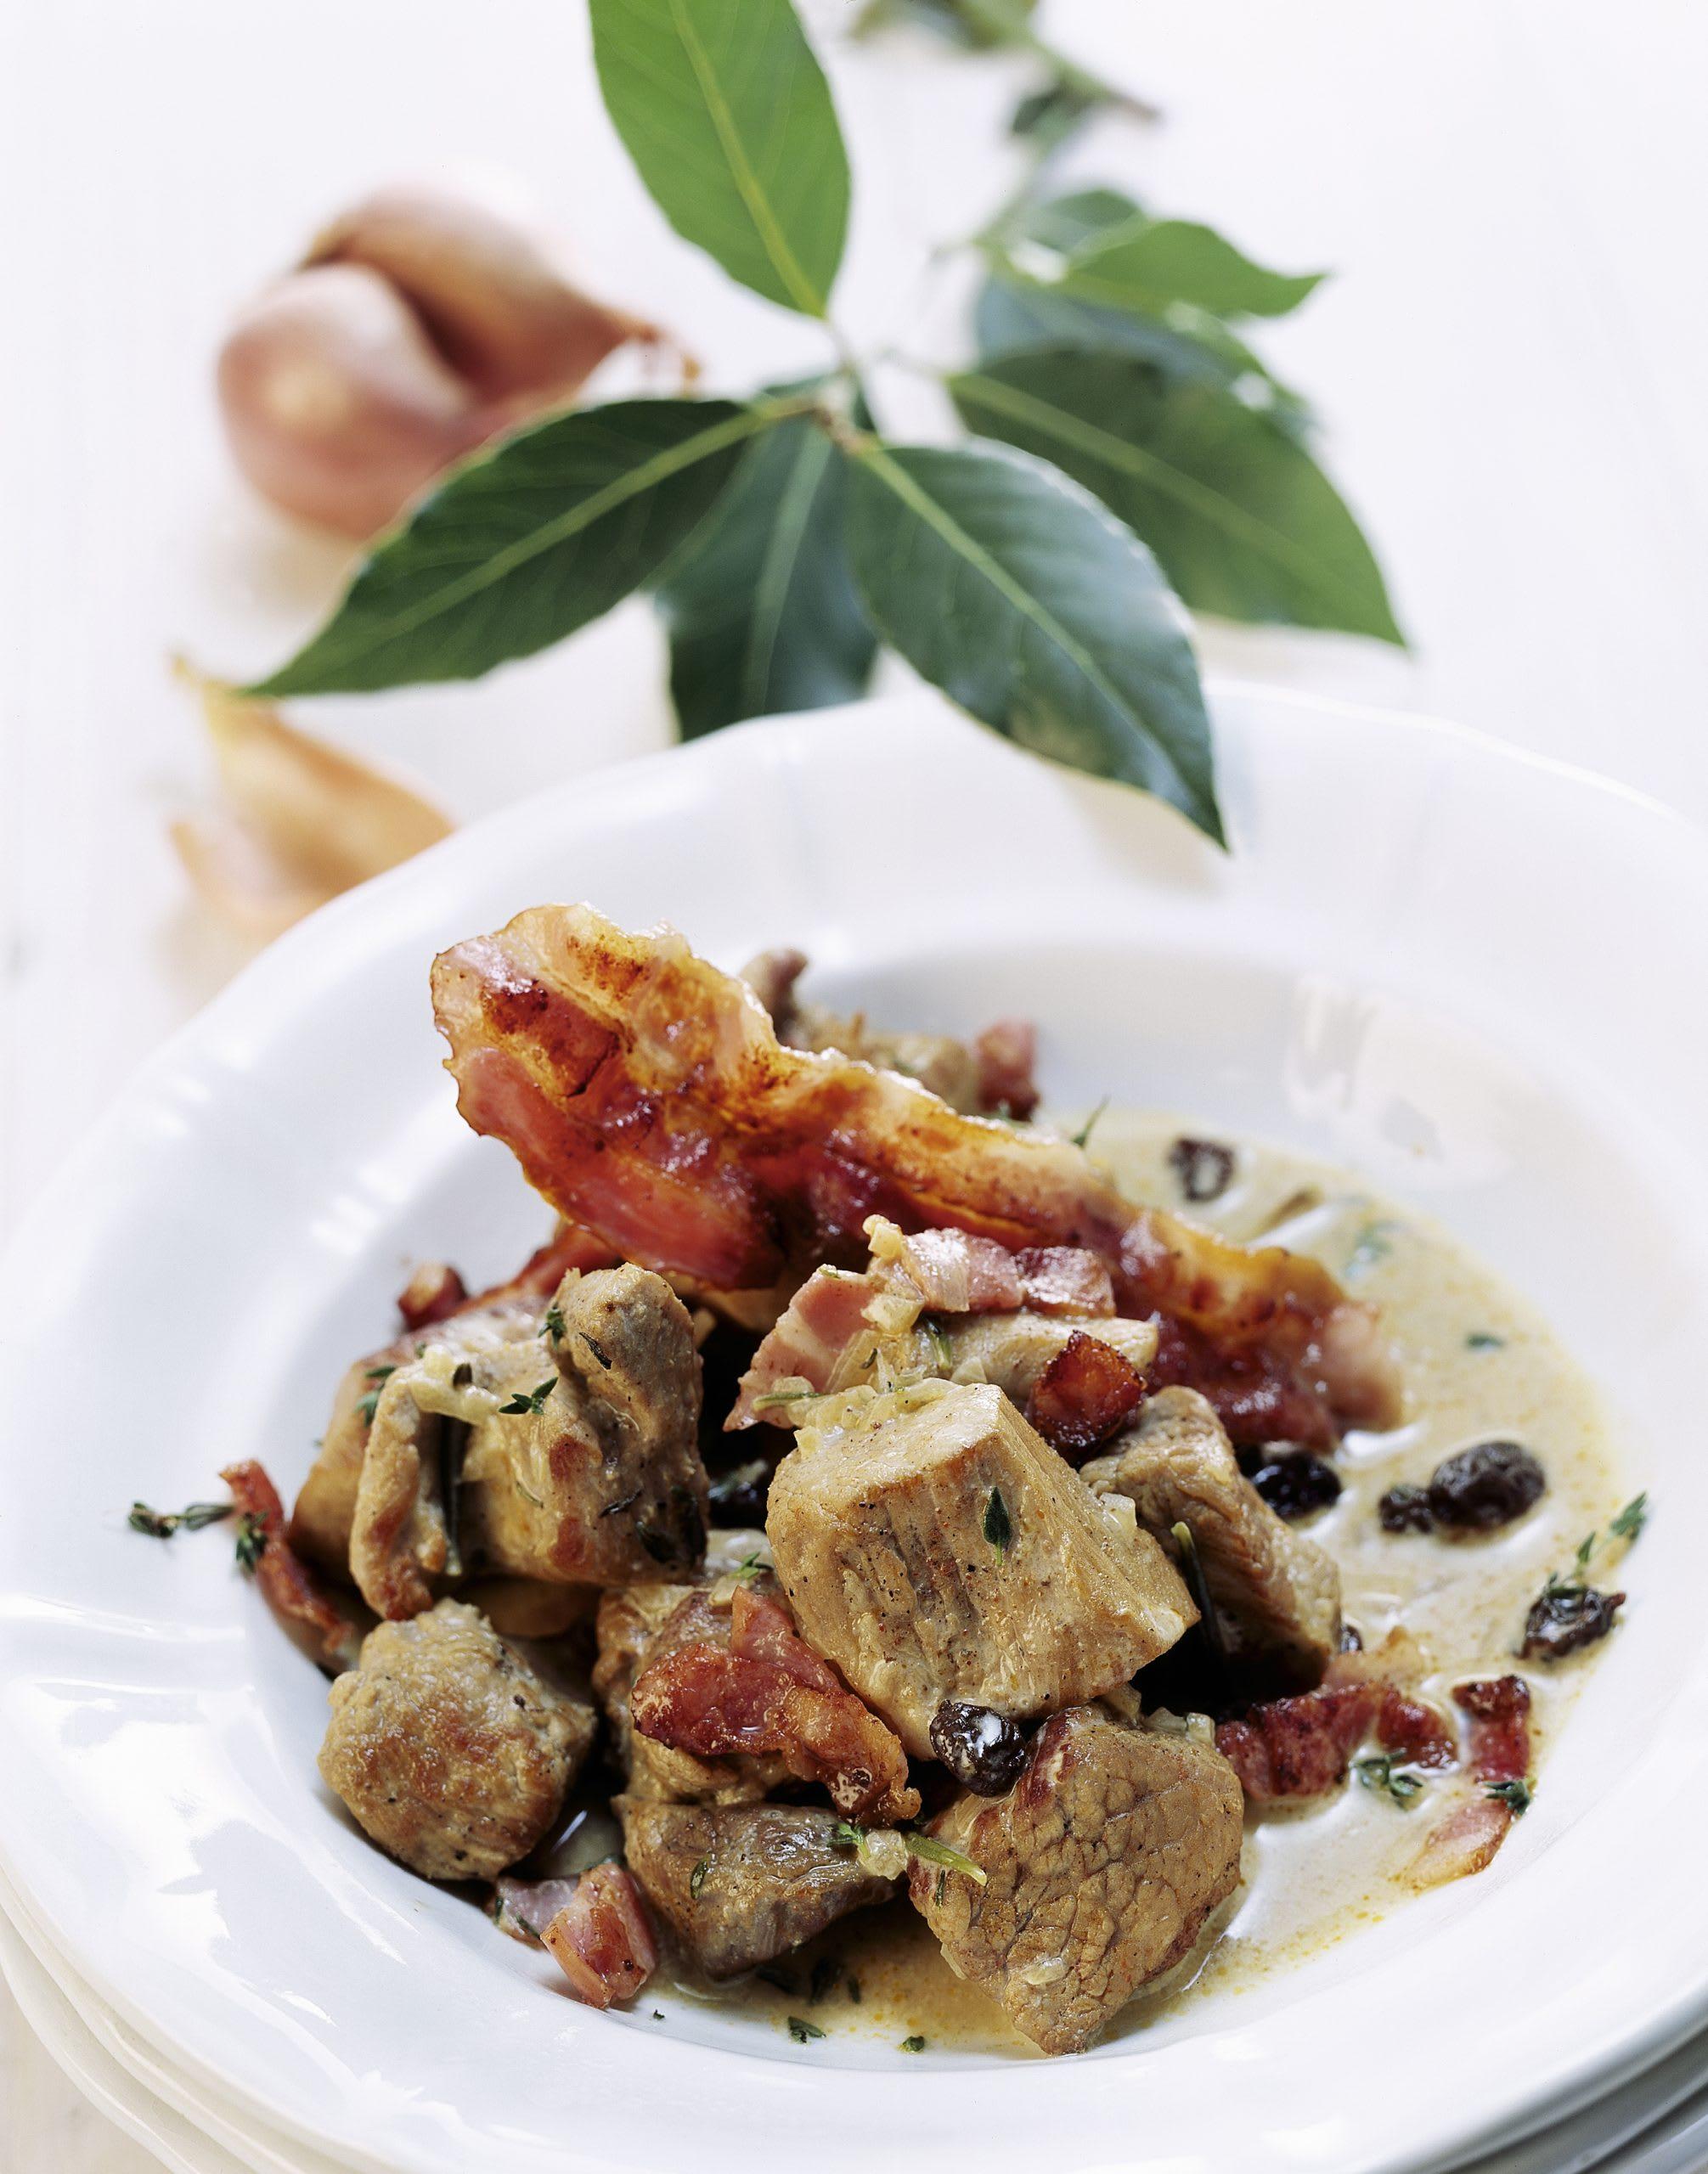 Ragoût de porc sauce au lard et aux raisins secs